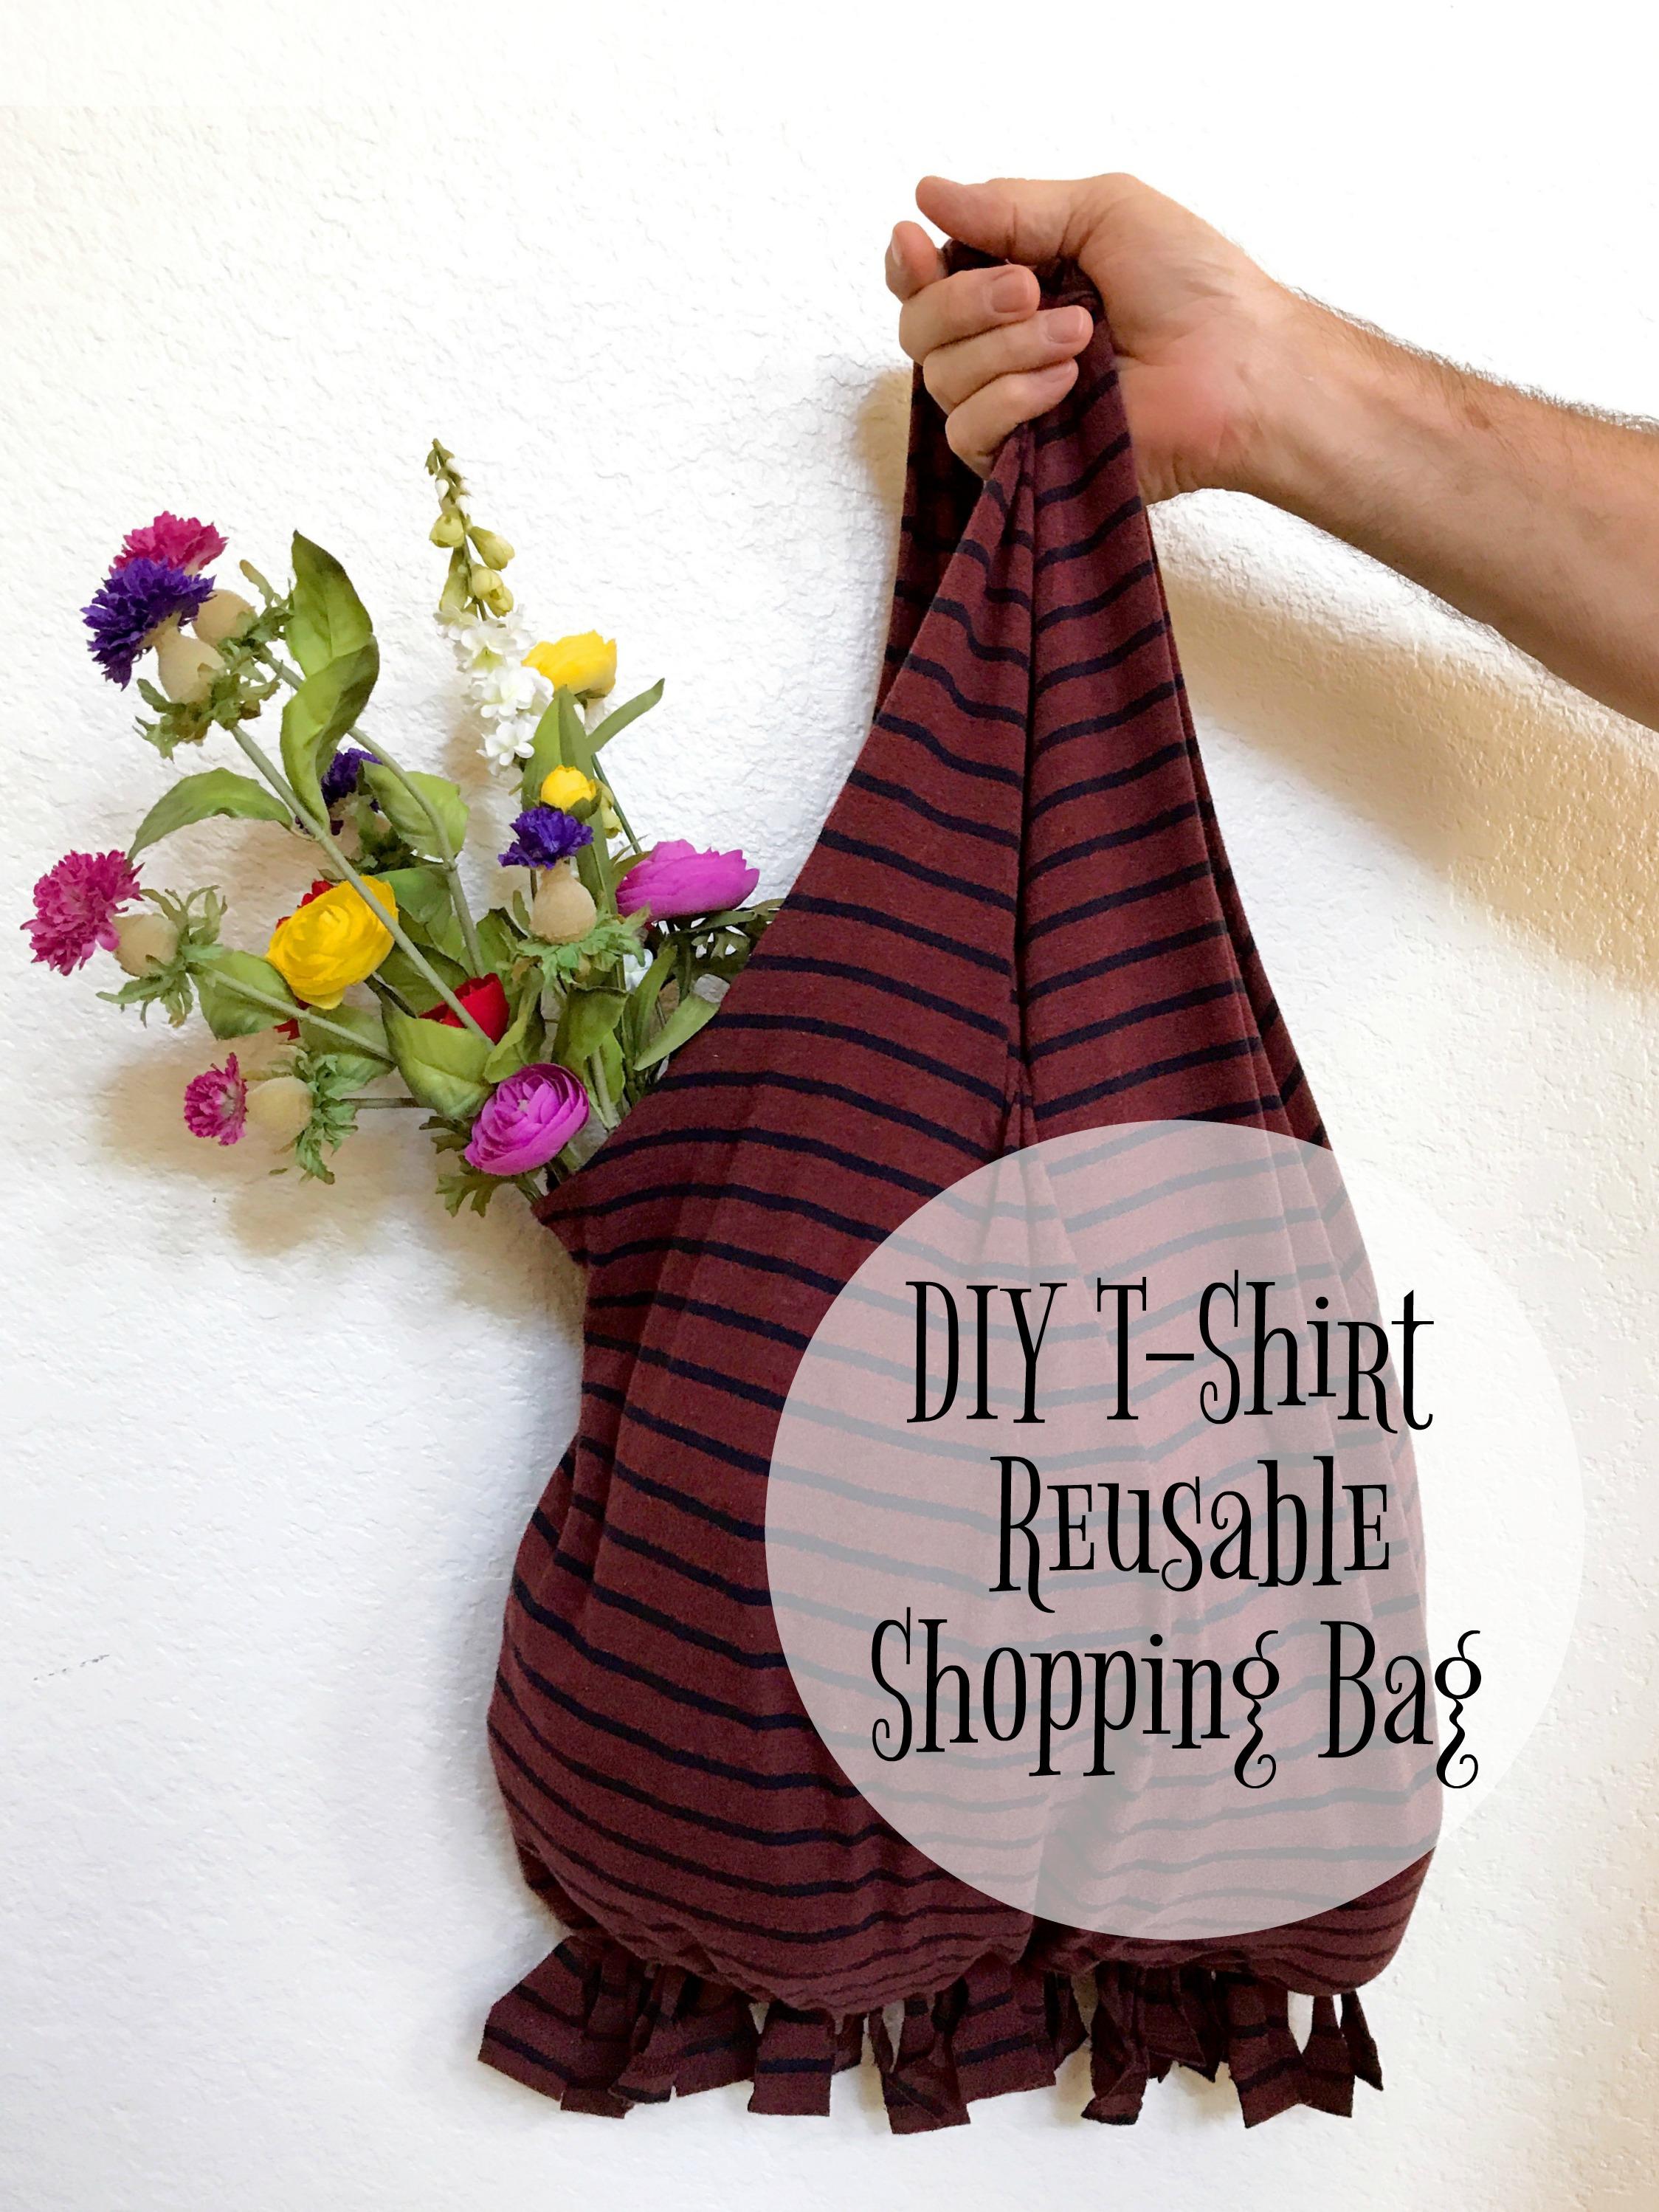 DIY T-Shirt Reusable Shopping Bag #DIY #ReusableShoppingBag #LivingGreen - Simple Sojourns